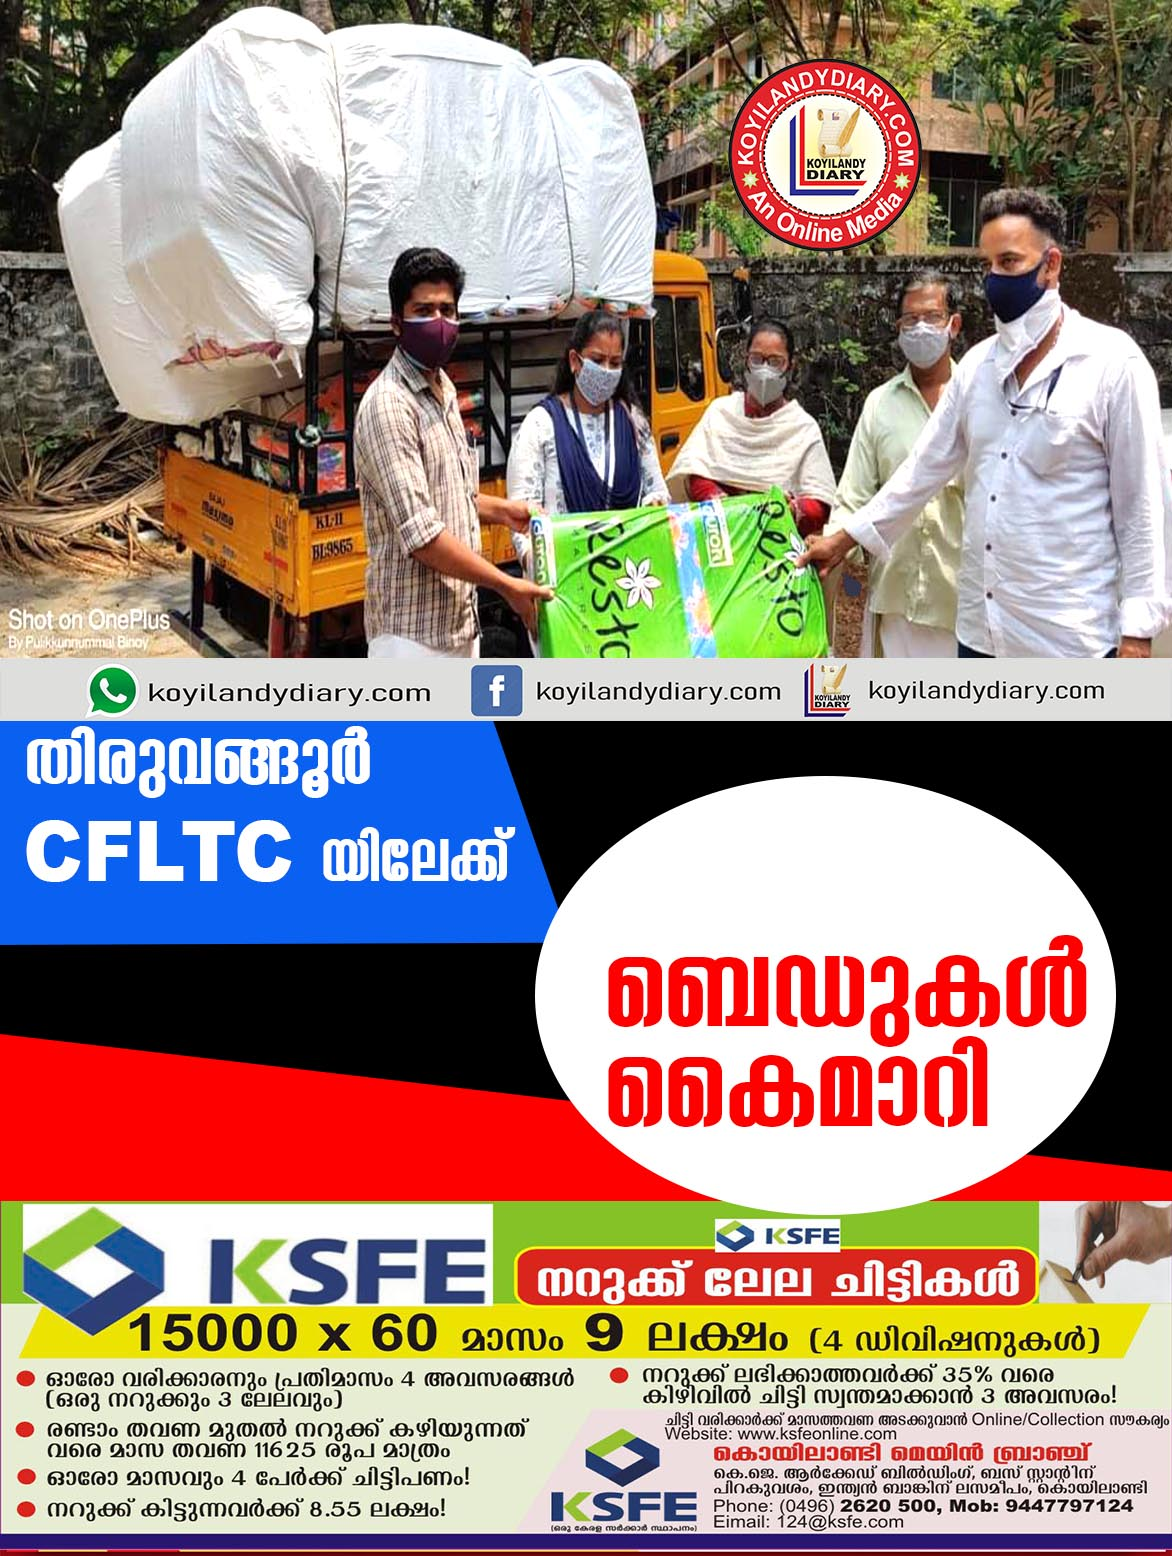 തിരുവങ്ങൂർ CFLTC യിലേക്ക് കിടക്കകൾ കൈമാറി